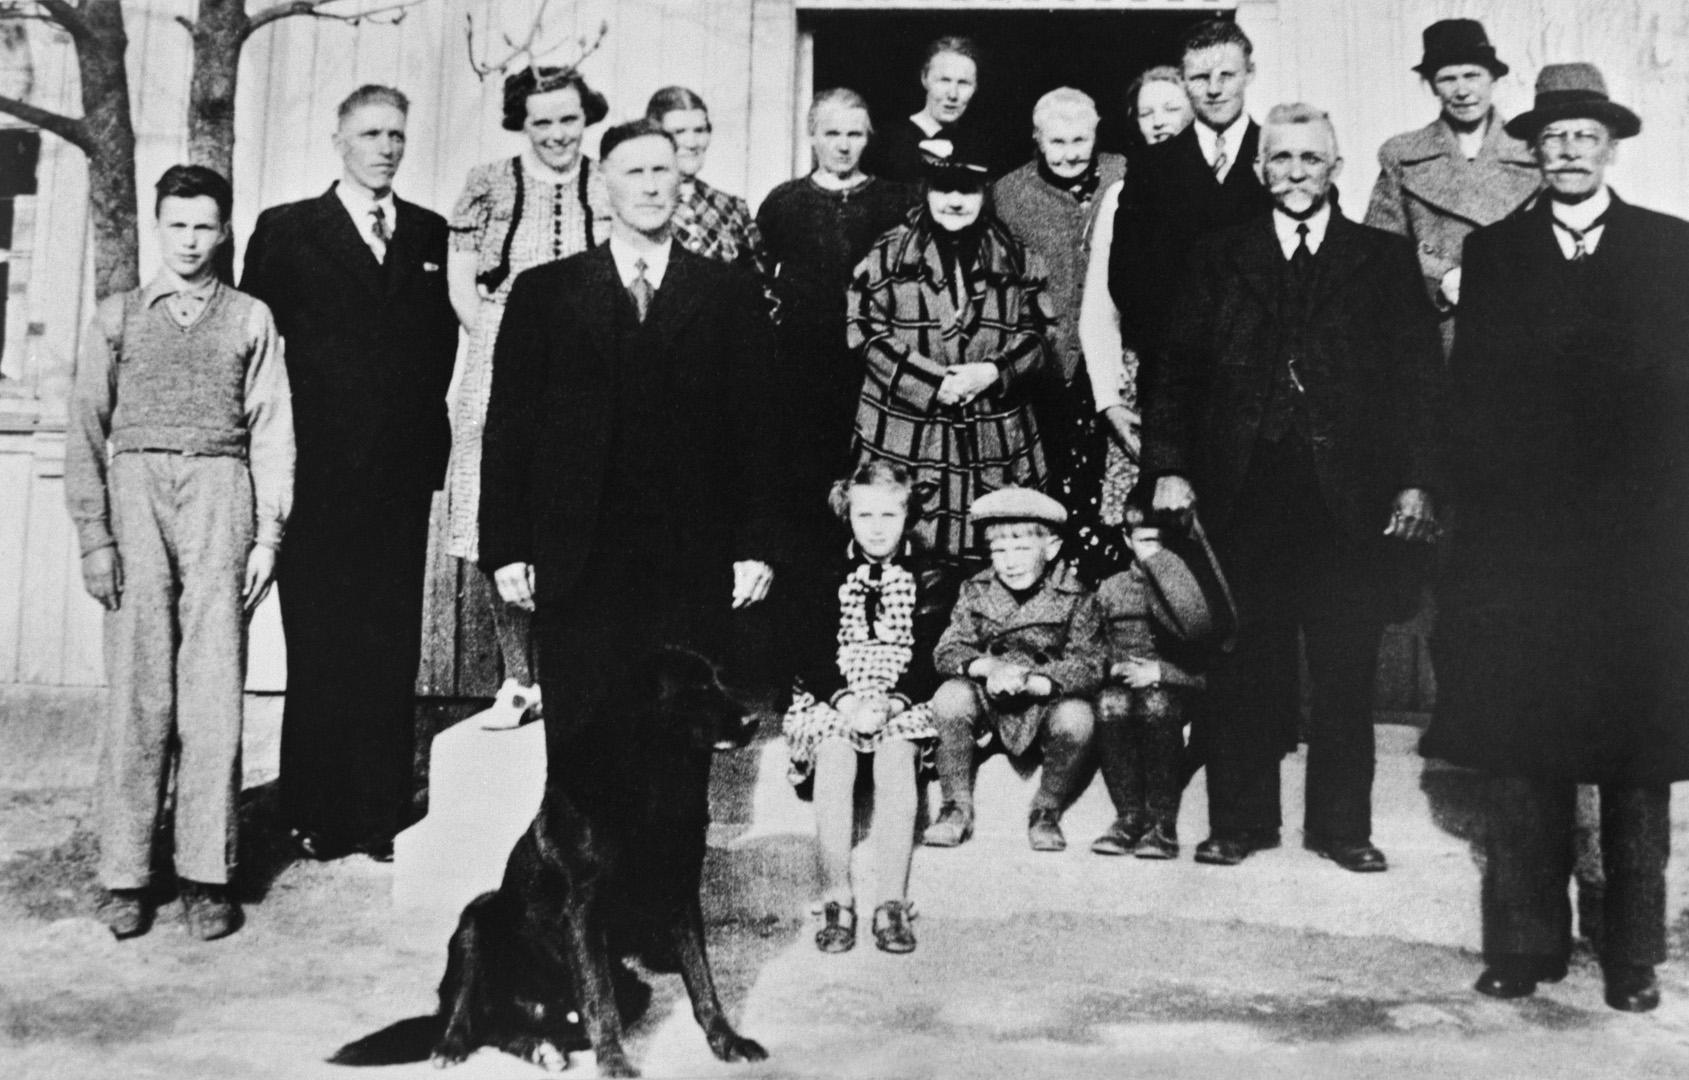 ØFB.1978-00547 Evakuerte i krigsdagene i april 1940 på gården Lunde i Varteig, nabokommune til Sarpsborg. Fra venstre nr. 2 og 3: Anders og Martha Sælid. Foran ved hunden: Erik Lunde, til høyre for ham: Elise Lunde. Med hatt i hånda: Rich. Snoppestad. I midten med mønstret kåpe: Fru Furuholmen, over henne datteren. Lengst til høyre Ingeniør Gunerius Furuholmen. Ellers: familien Kristiansen fra Sarpsborg. Fotograf ukjent / Østfold fylkes billedarkiv.